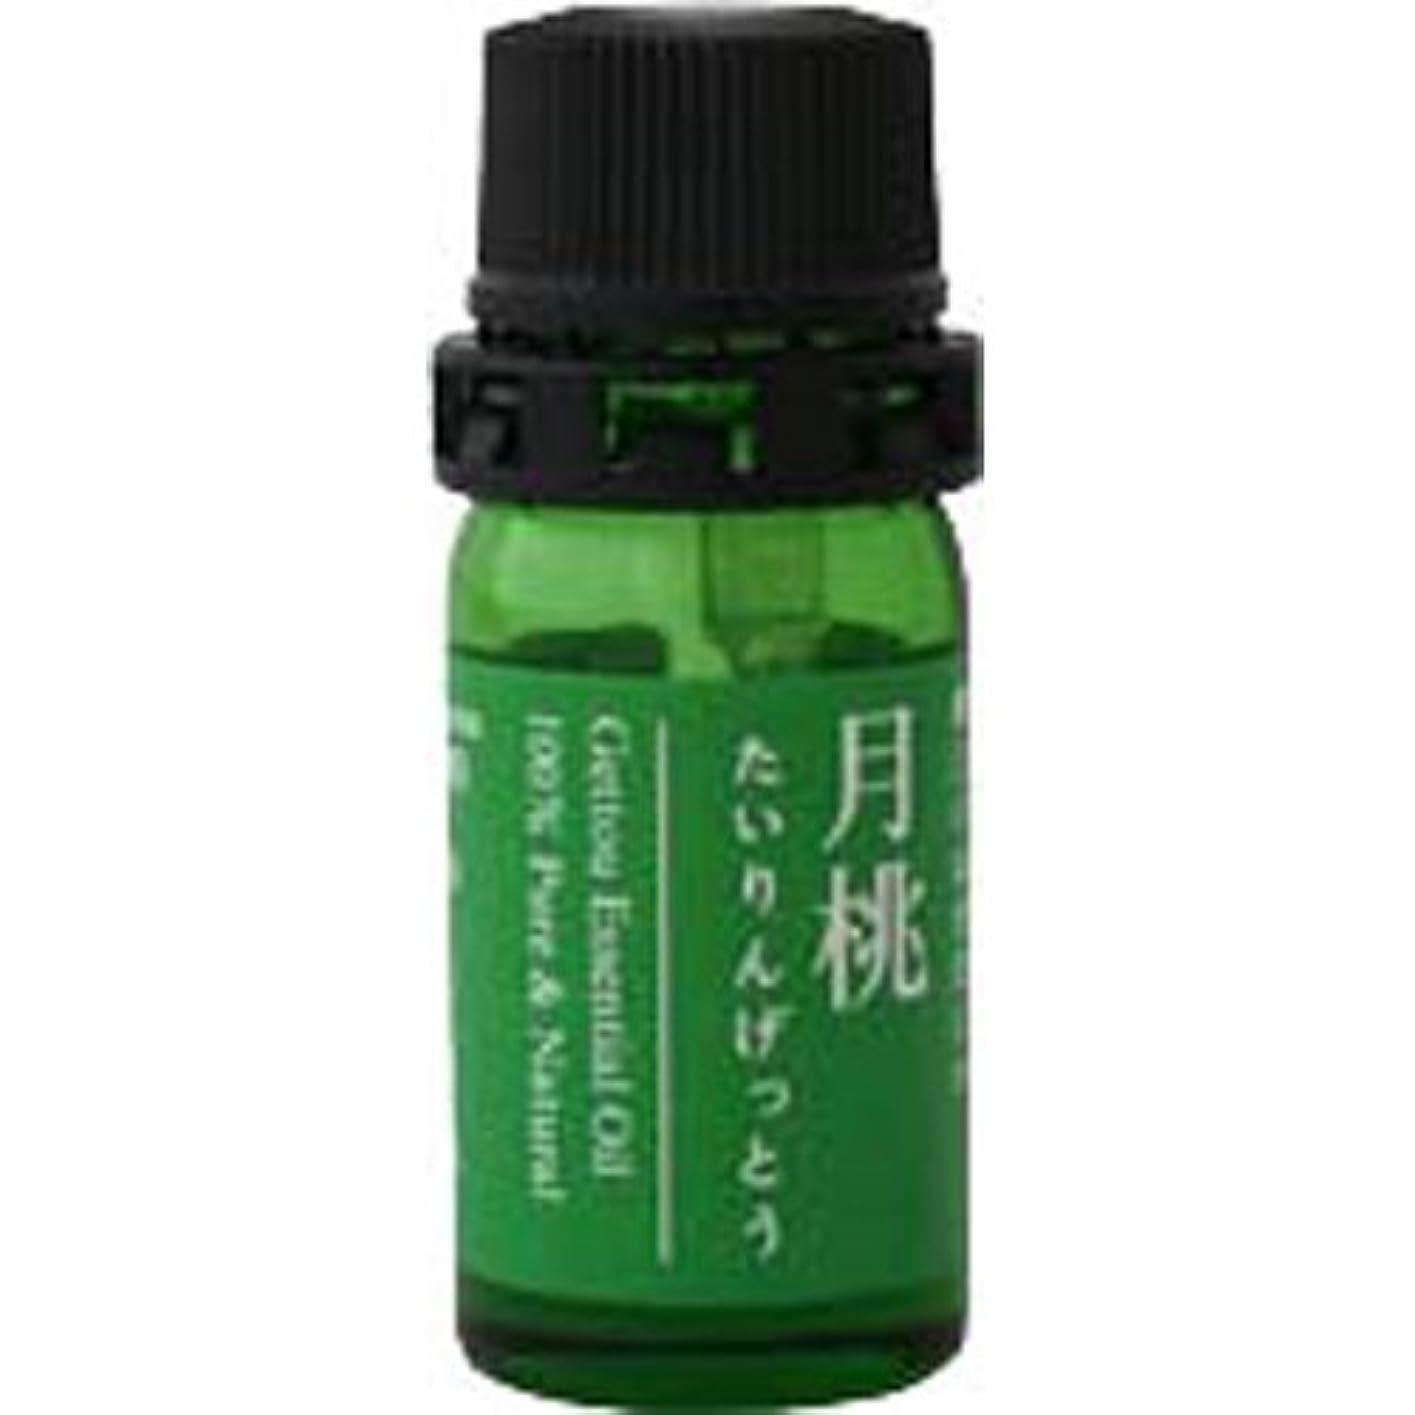 任命株式会社本物の月桃 エッセンシャルオイル (タイリン) 2.5ml